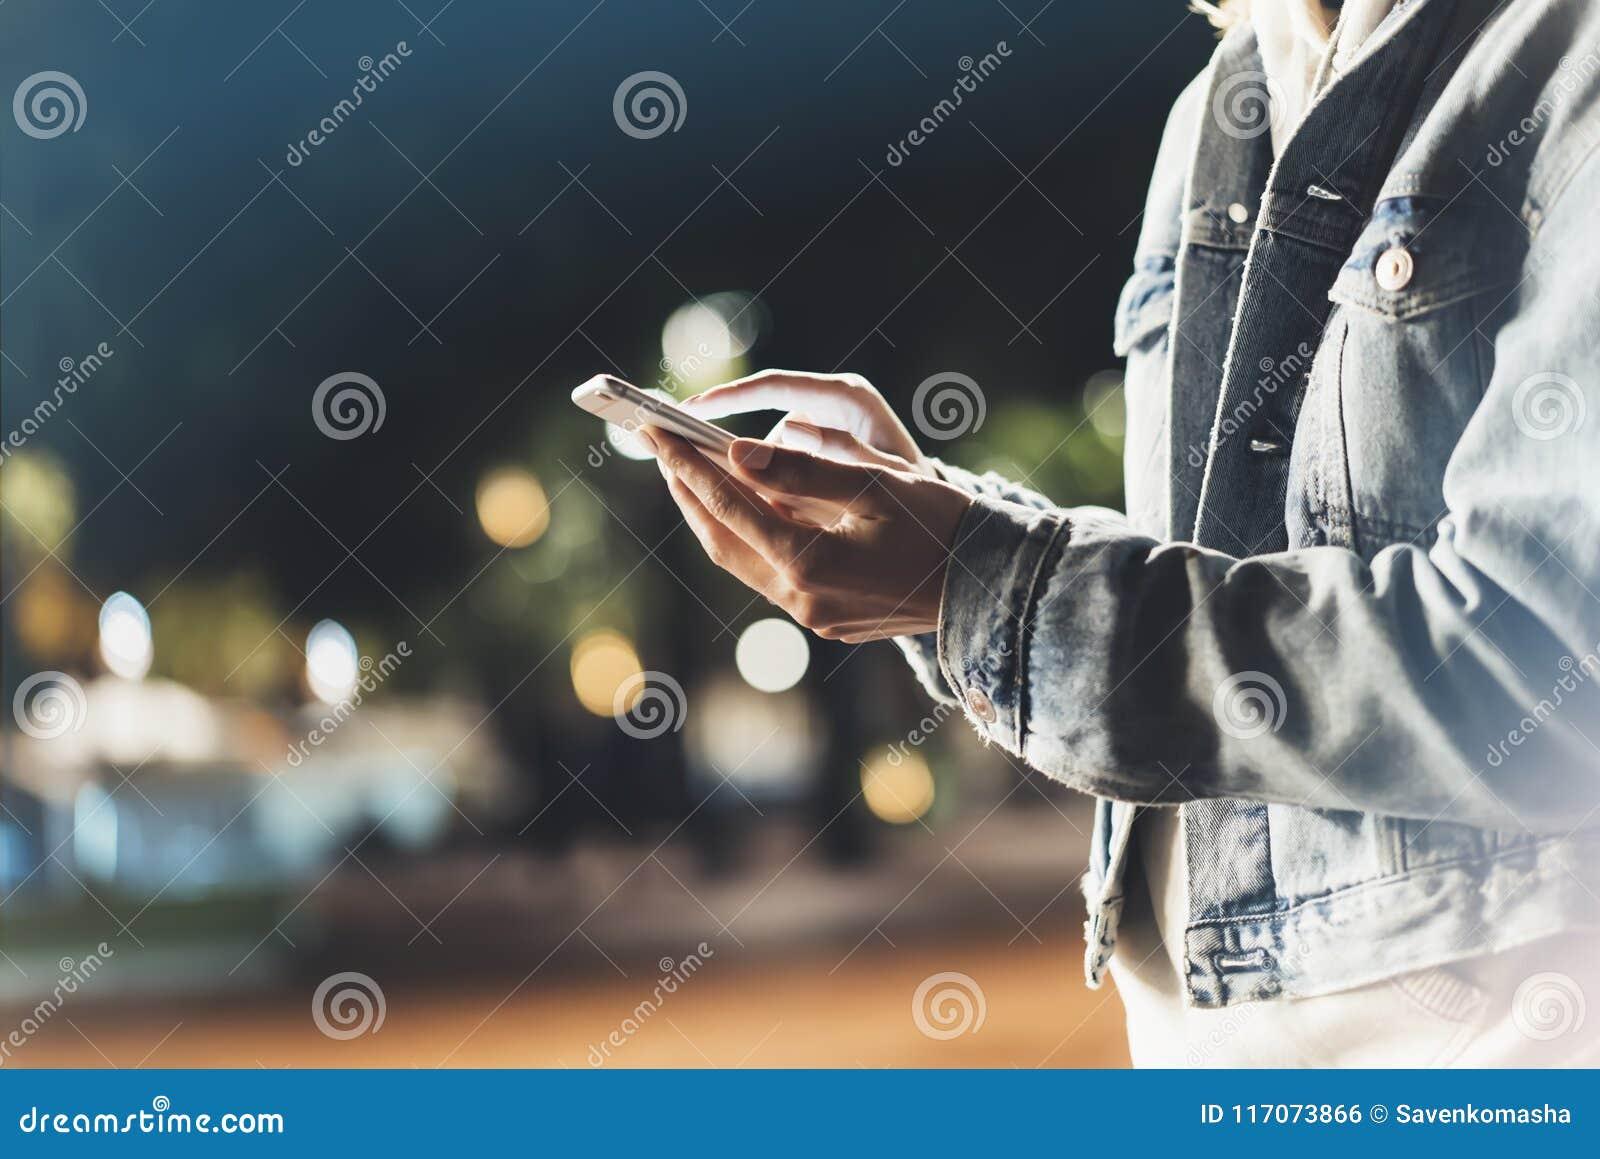 指向在屏幕智能手机的女孩手指在背景照明bokeh颜色光在夜大气城市,使用的行家